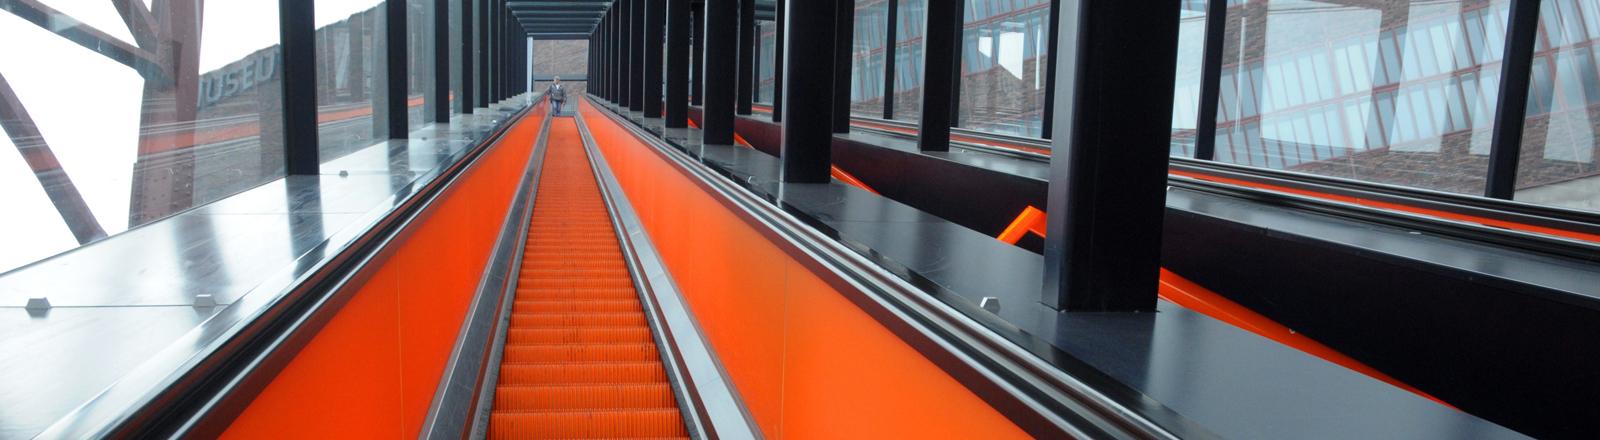 """Die längste freistehende Rolltreppe befindet sich auf dem Gelände der Zeche """"Zollverein""""."""